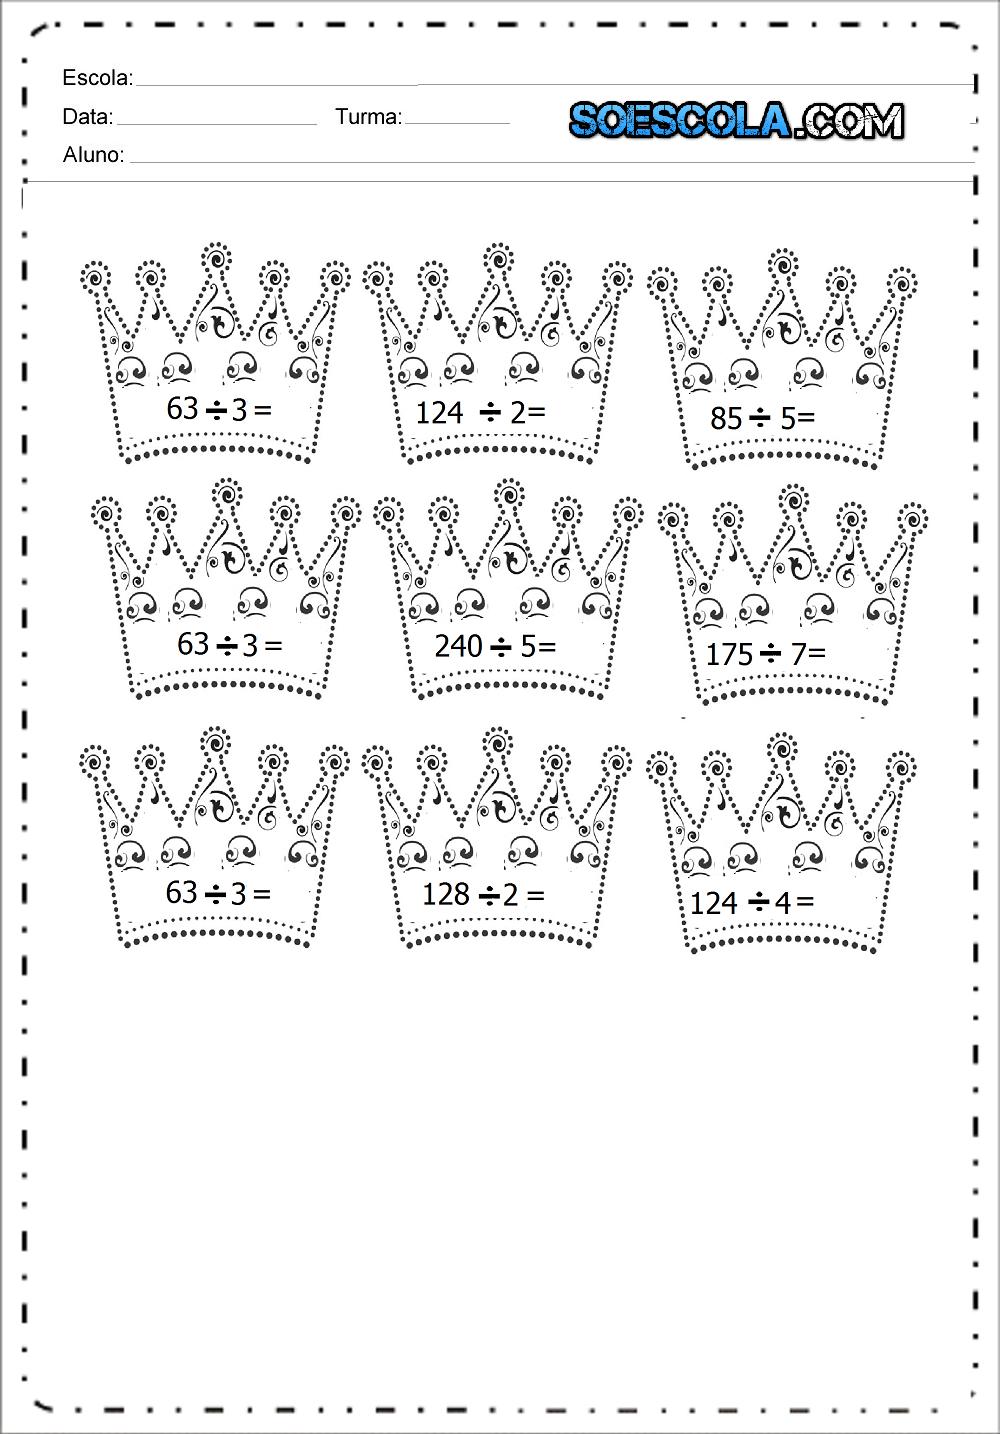 7 Atividades de Divisão para imprimir e baixar em PDF.